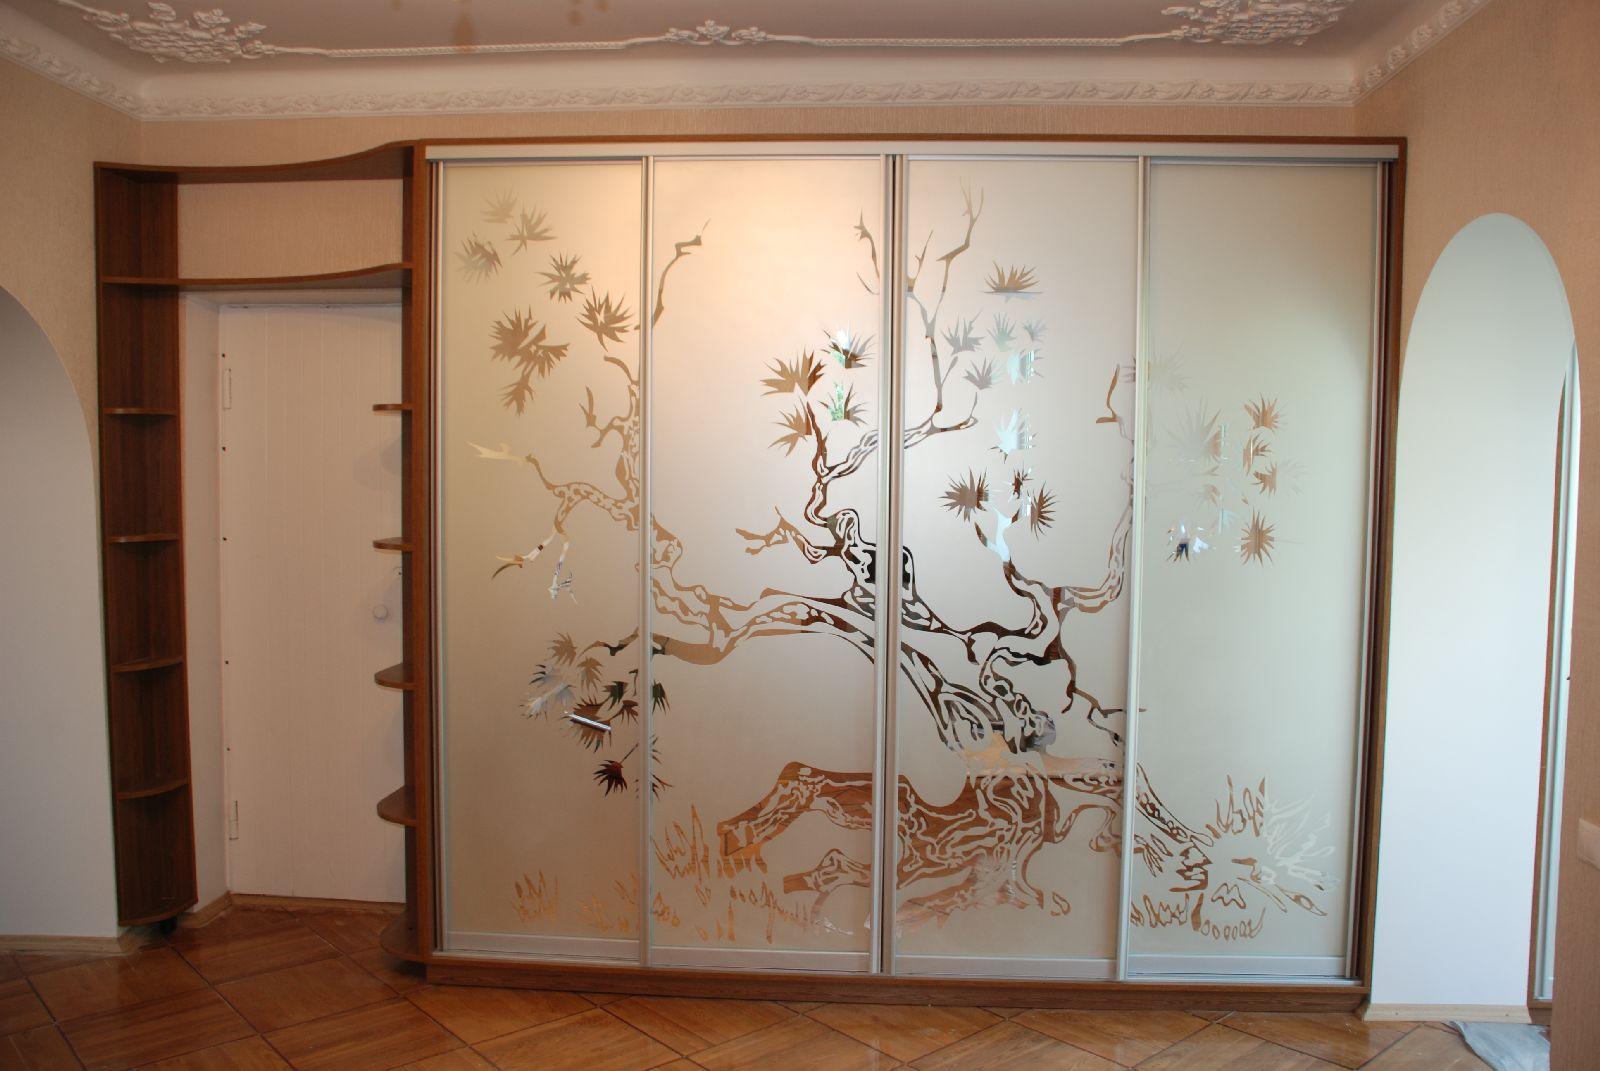 Двери для шкафа из матового стекла с рисунком